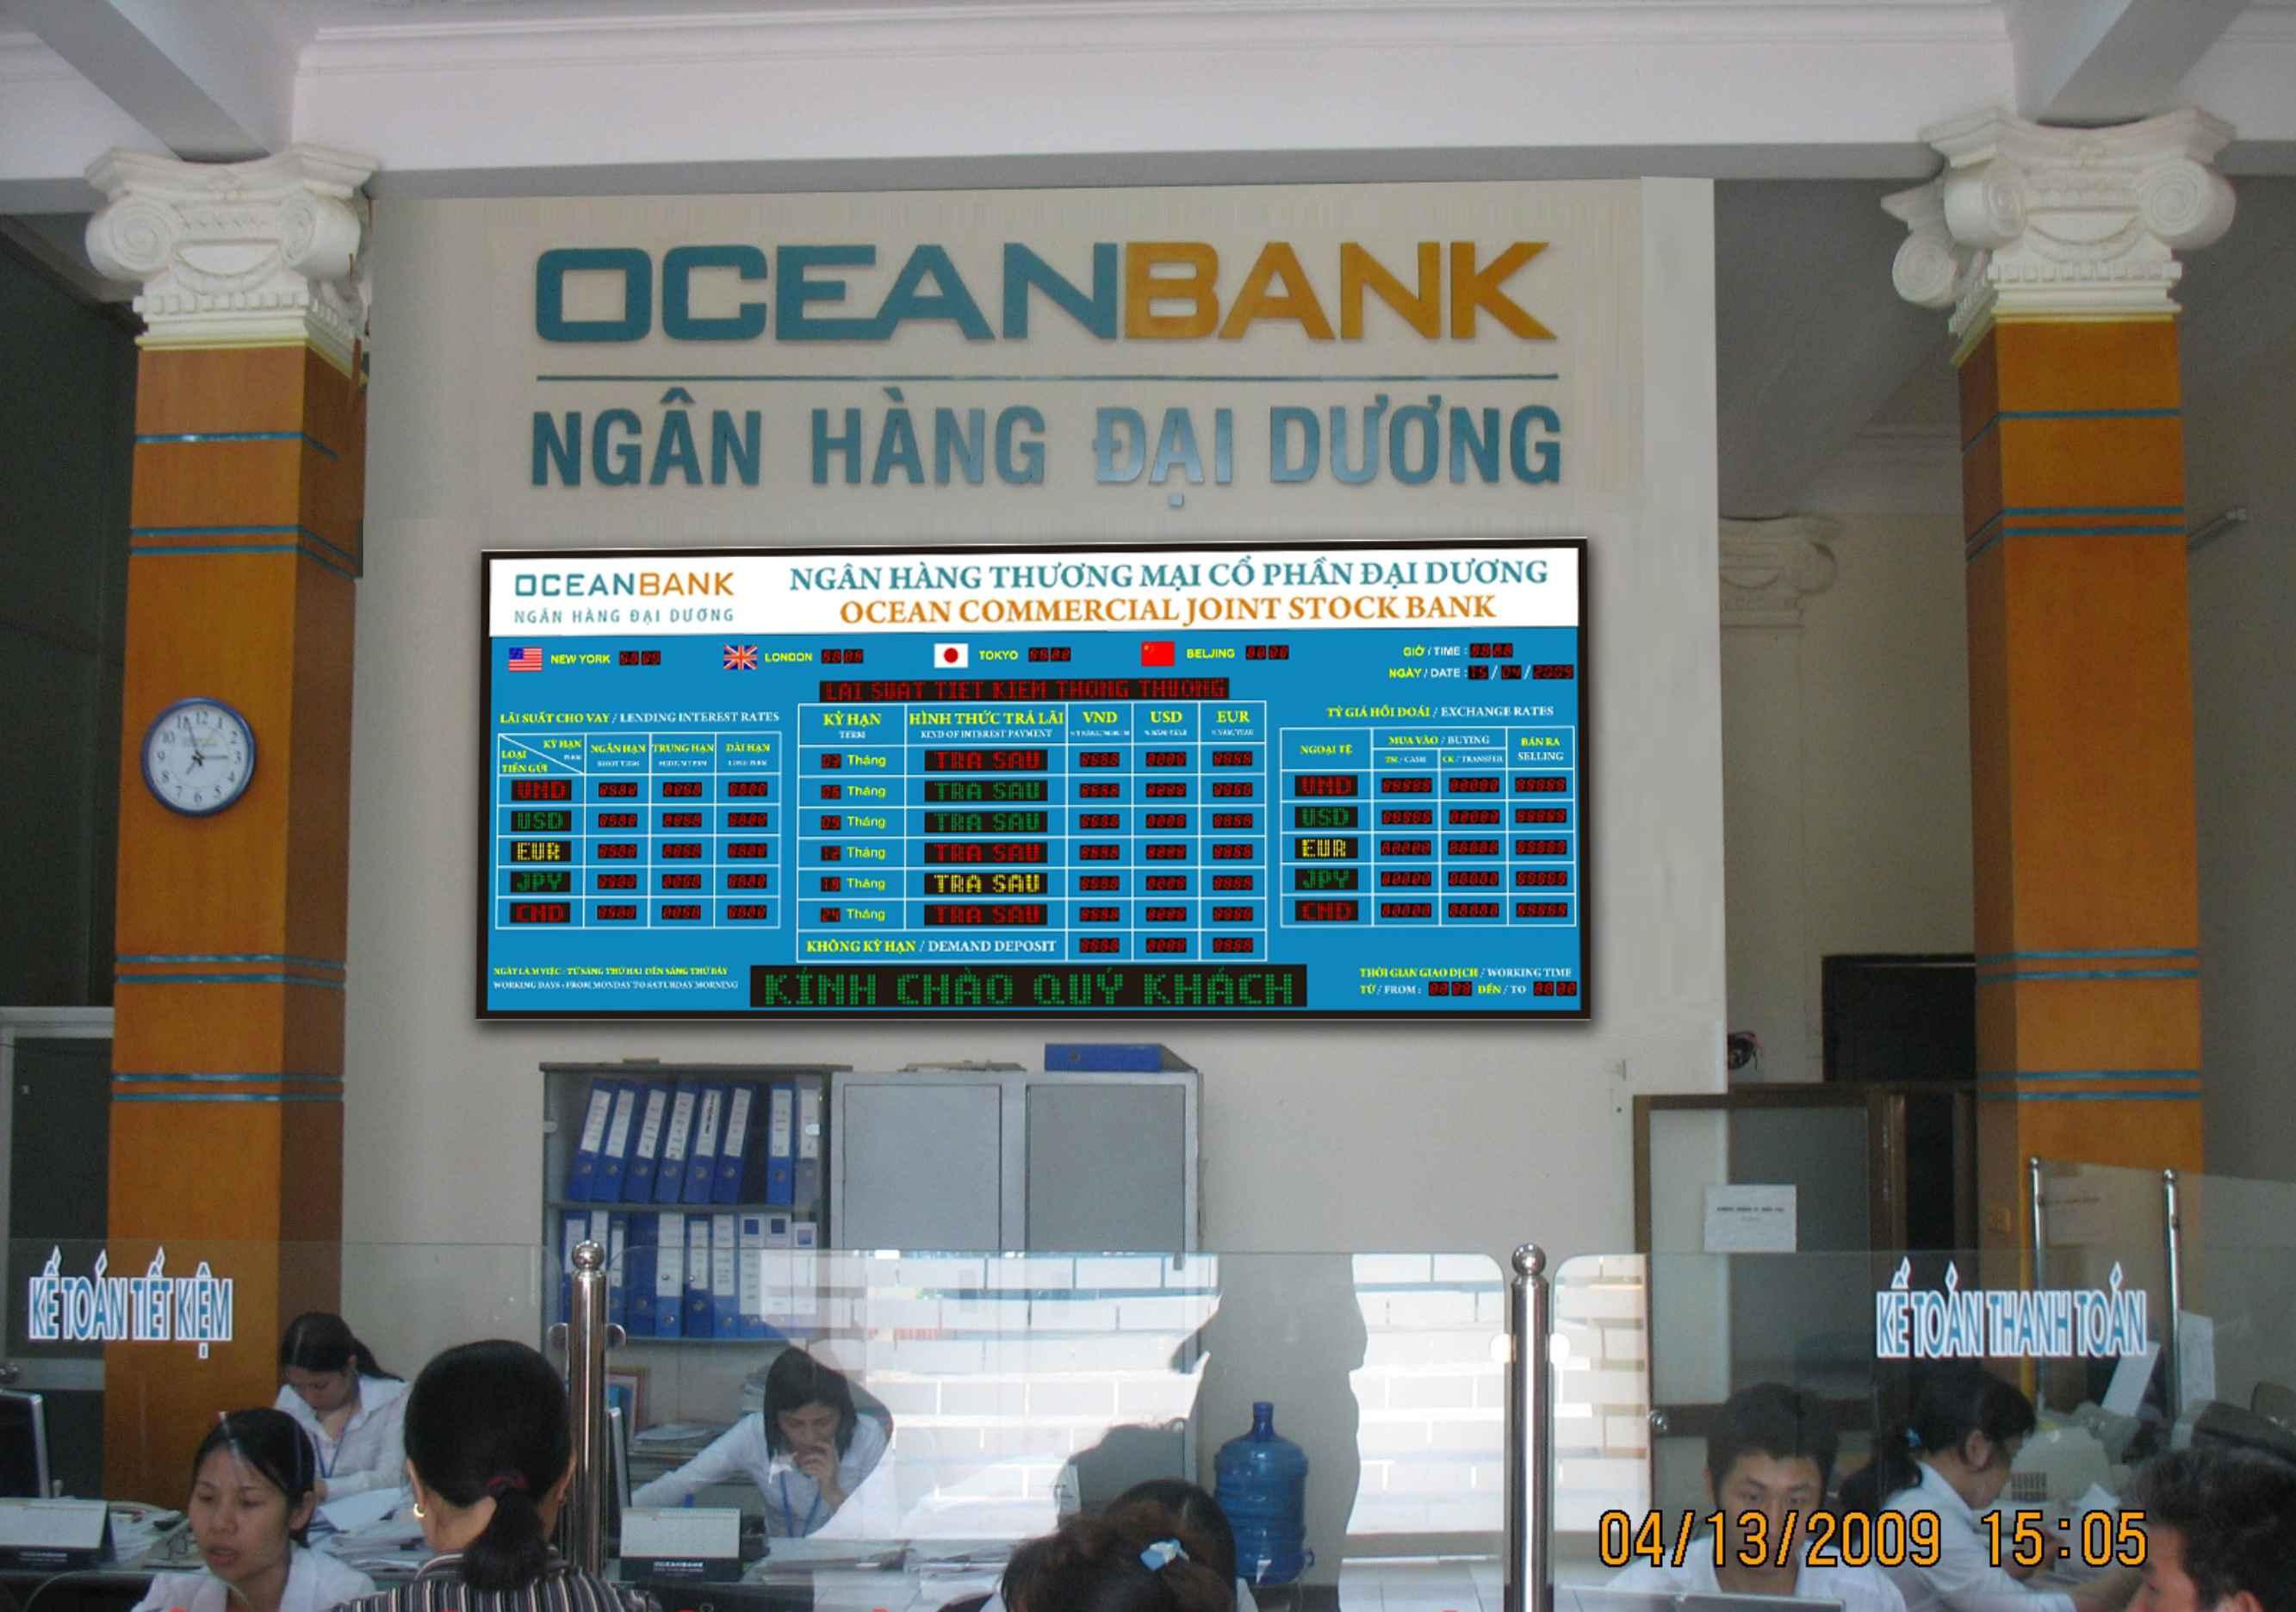 Bảng led điện tử tỷ giá ngân hàng